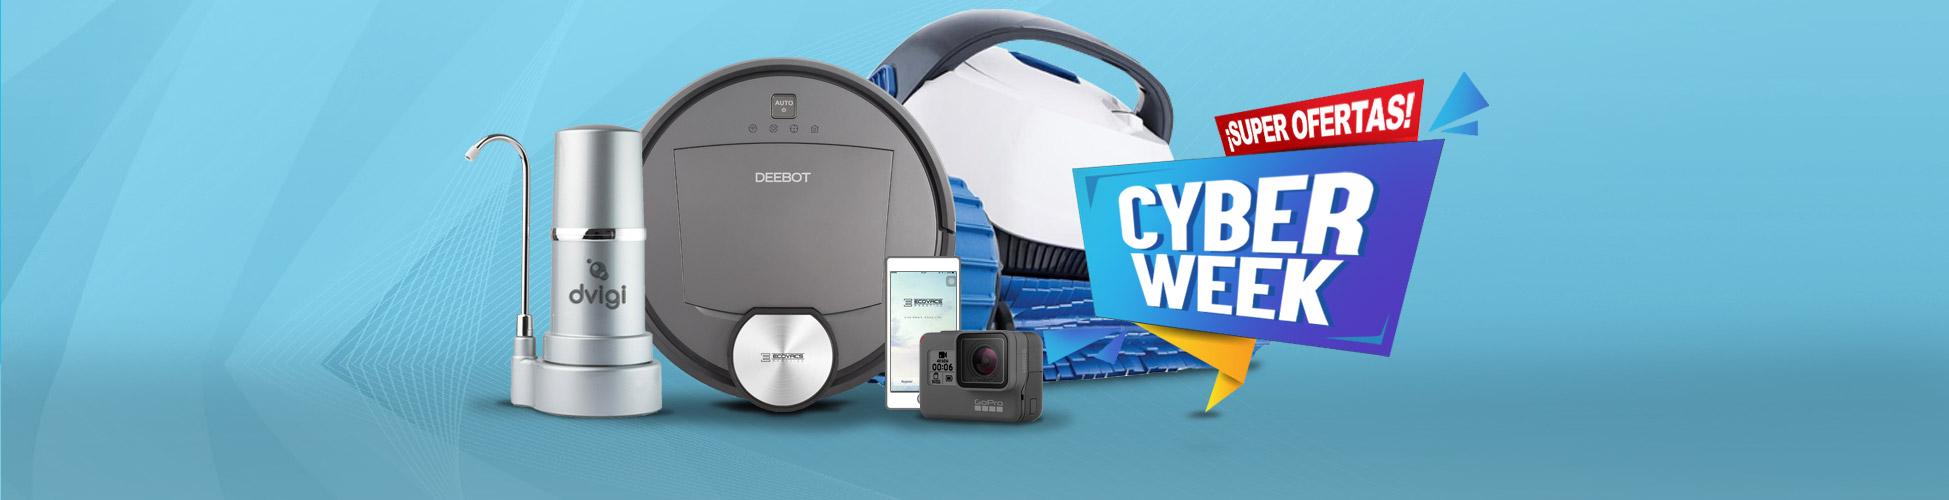 splash-cyberweek2019